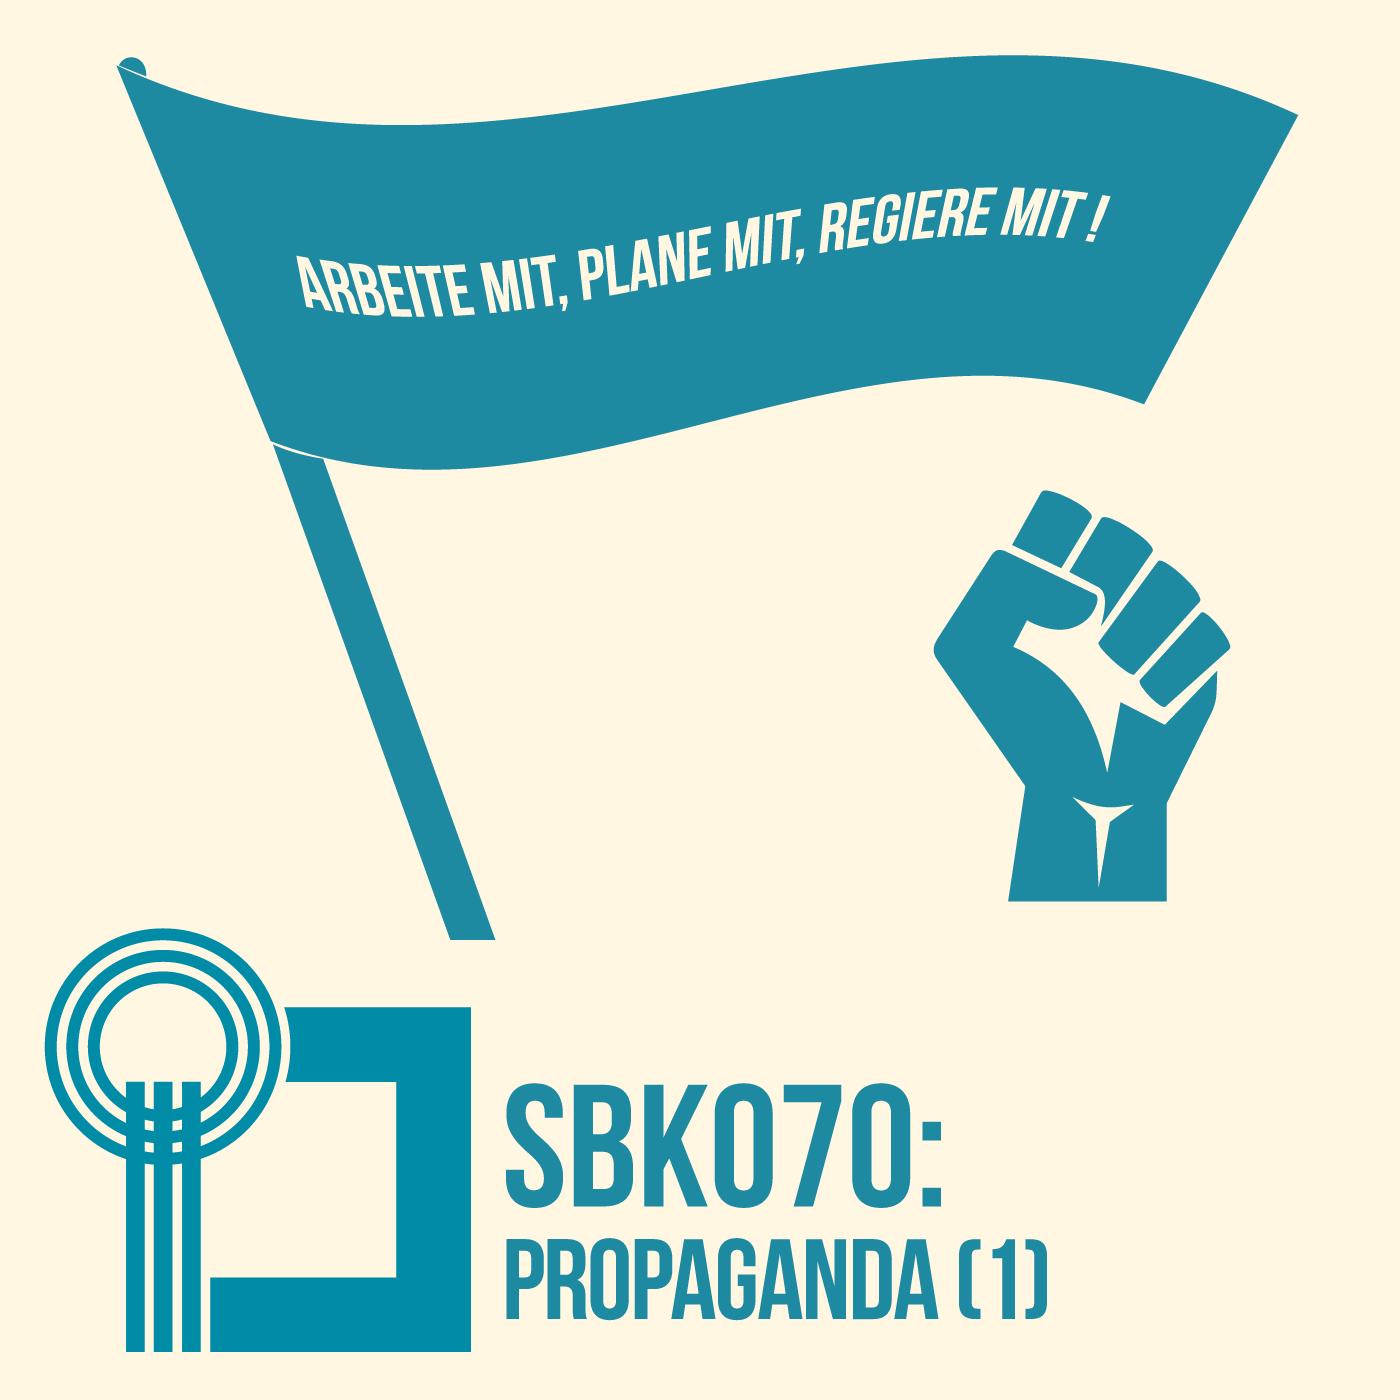 Propaganda (1)